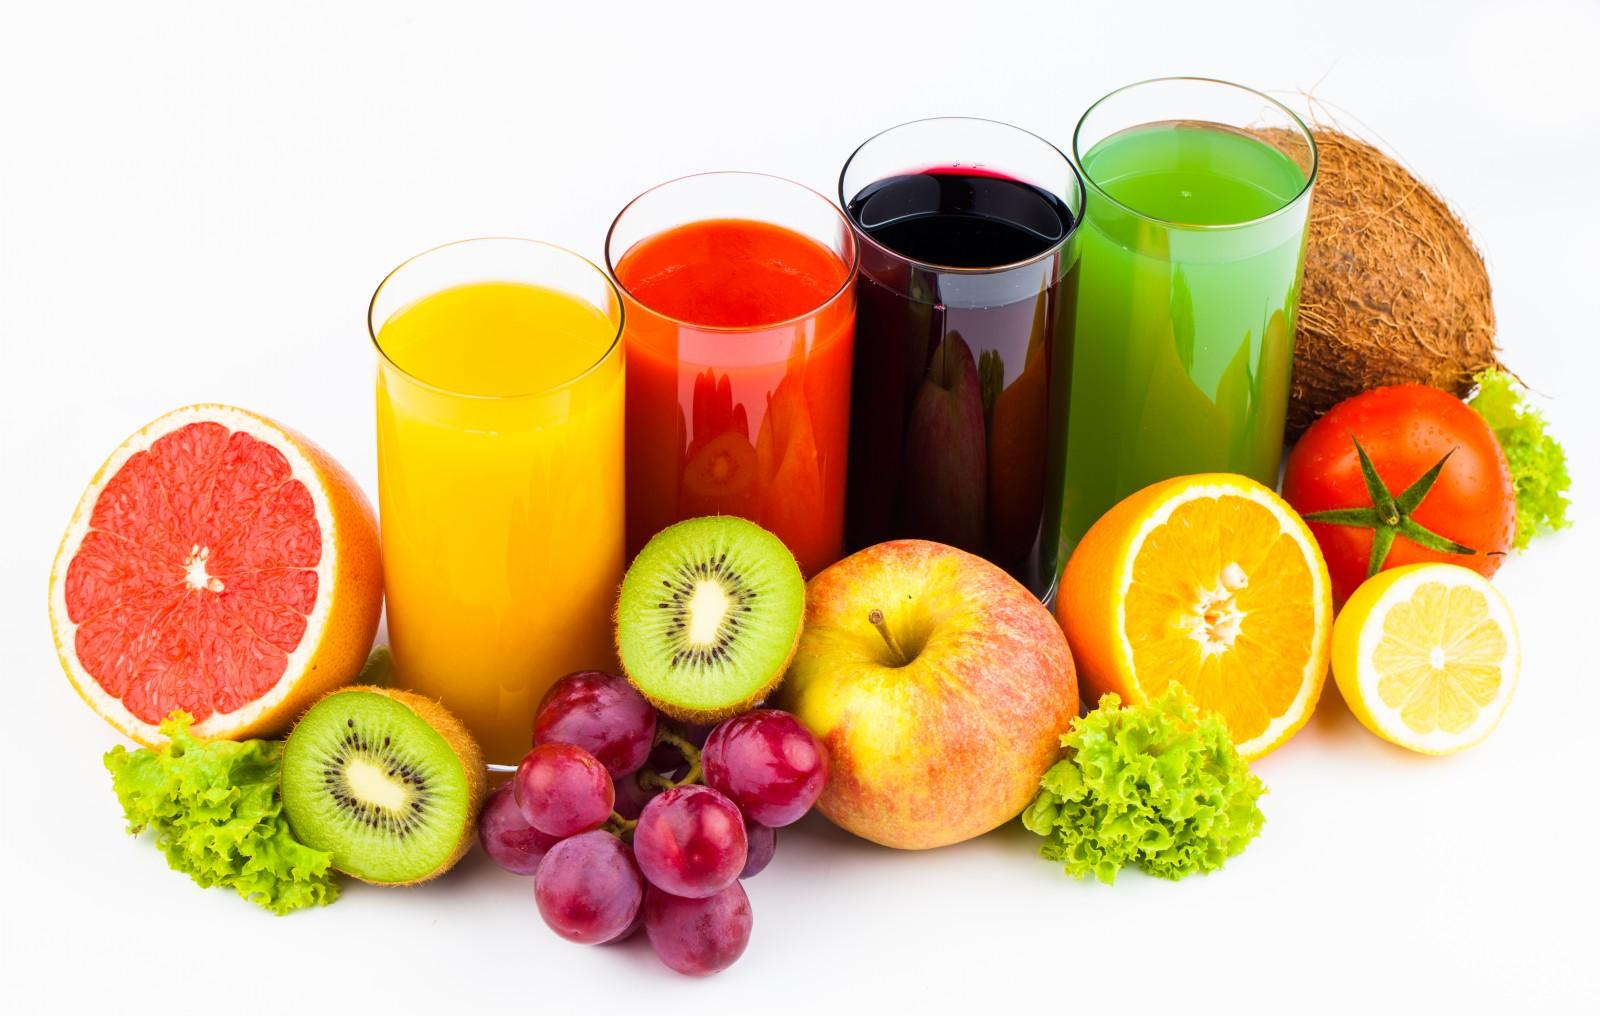 Image result for صورعصير البرتقال مع الفاكهة والخضروات